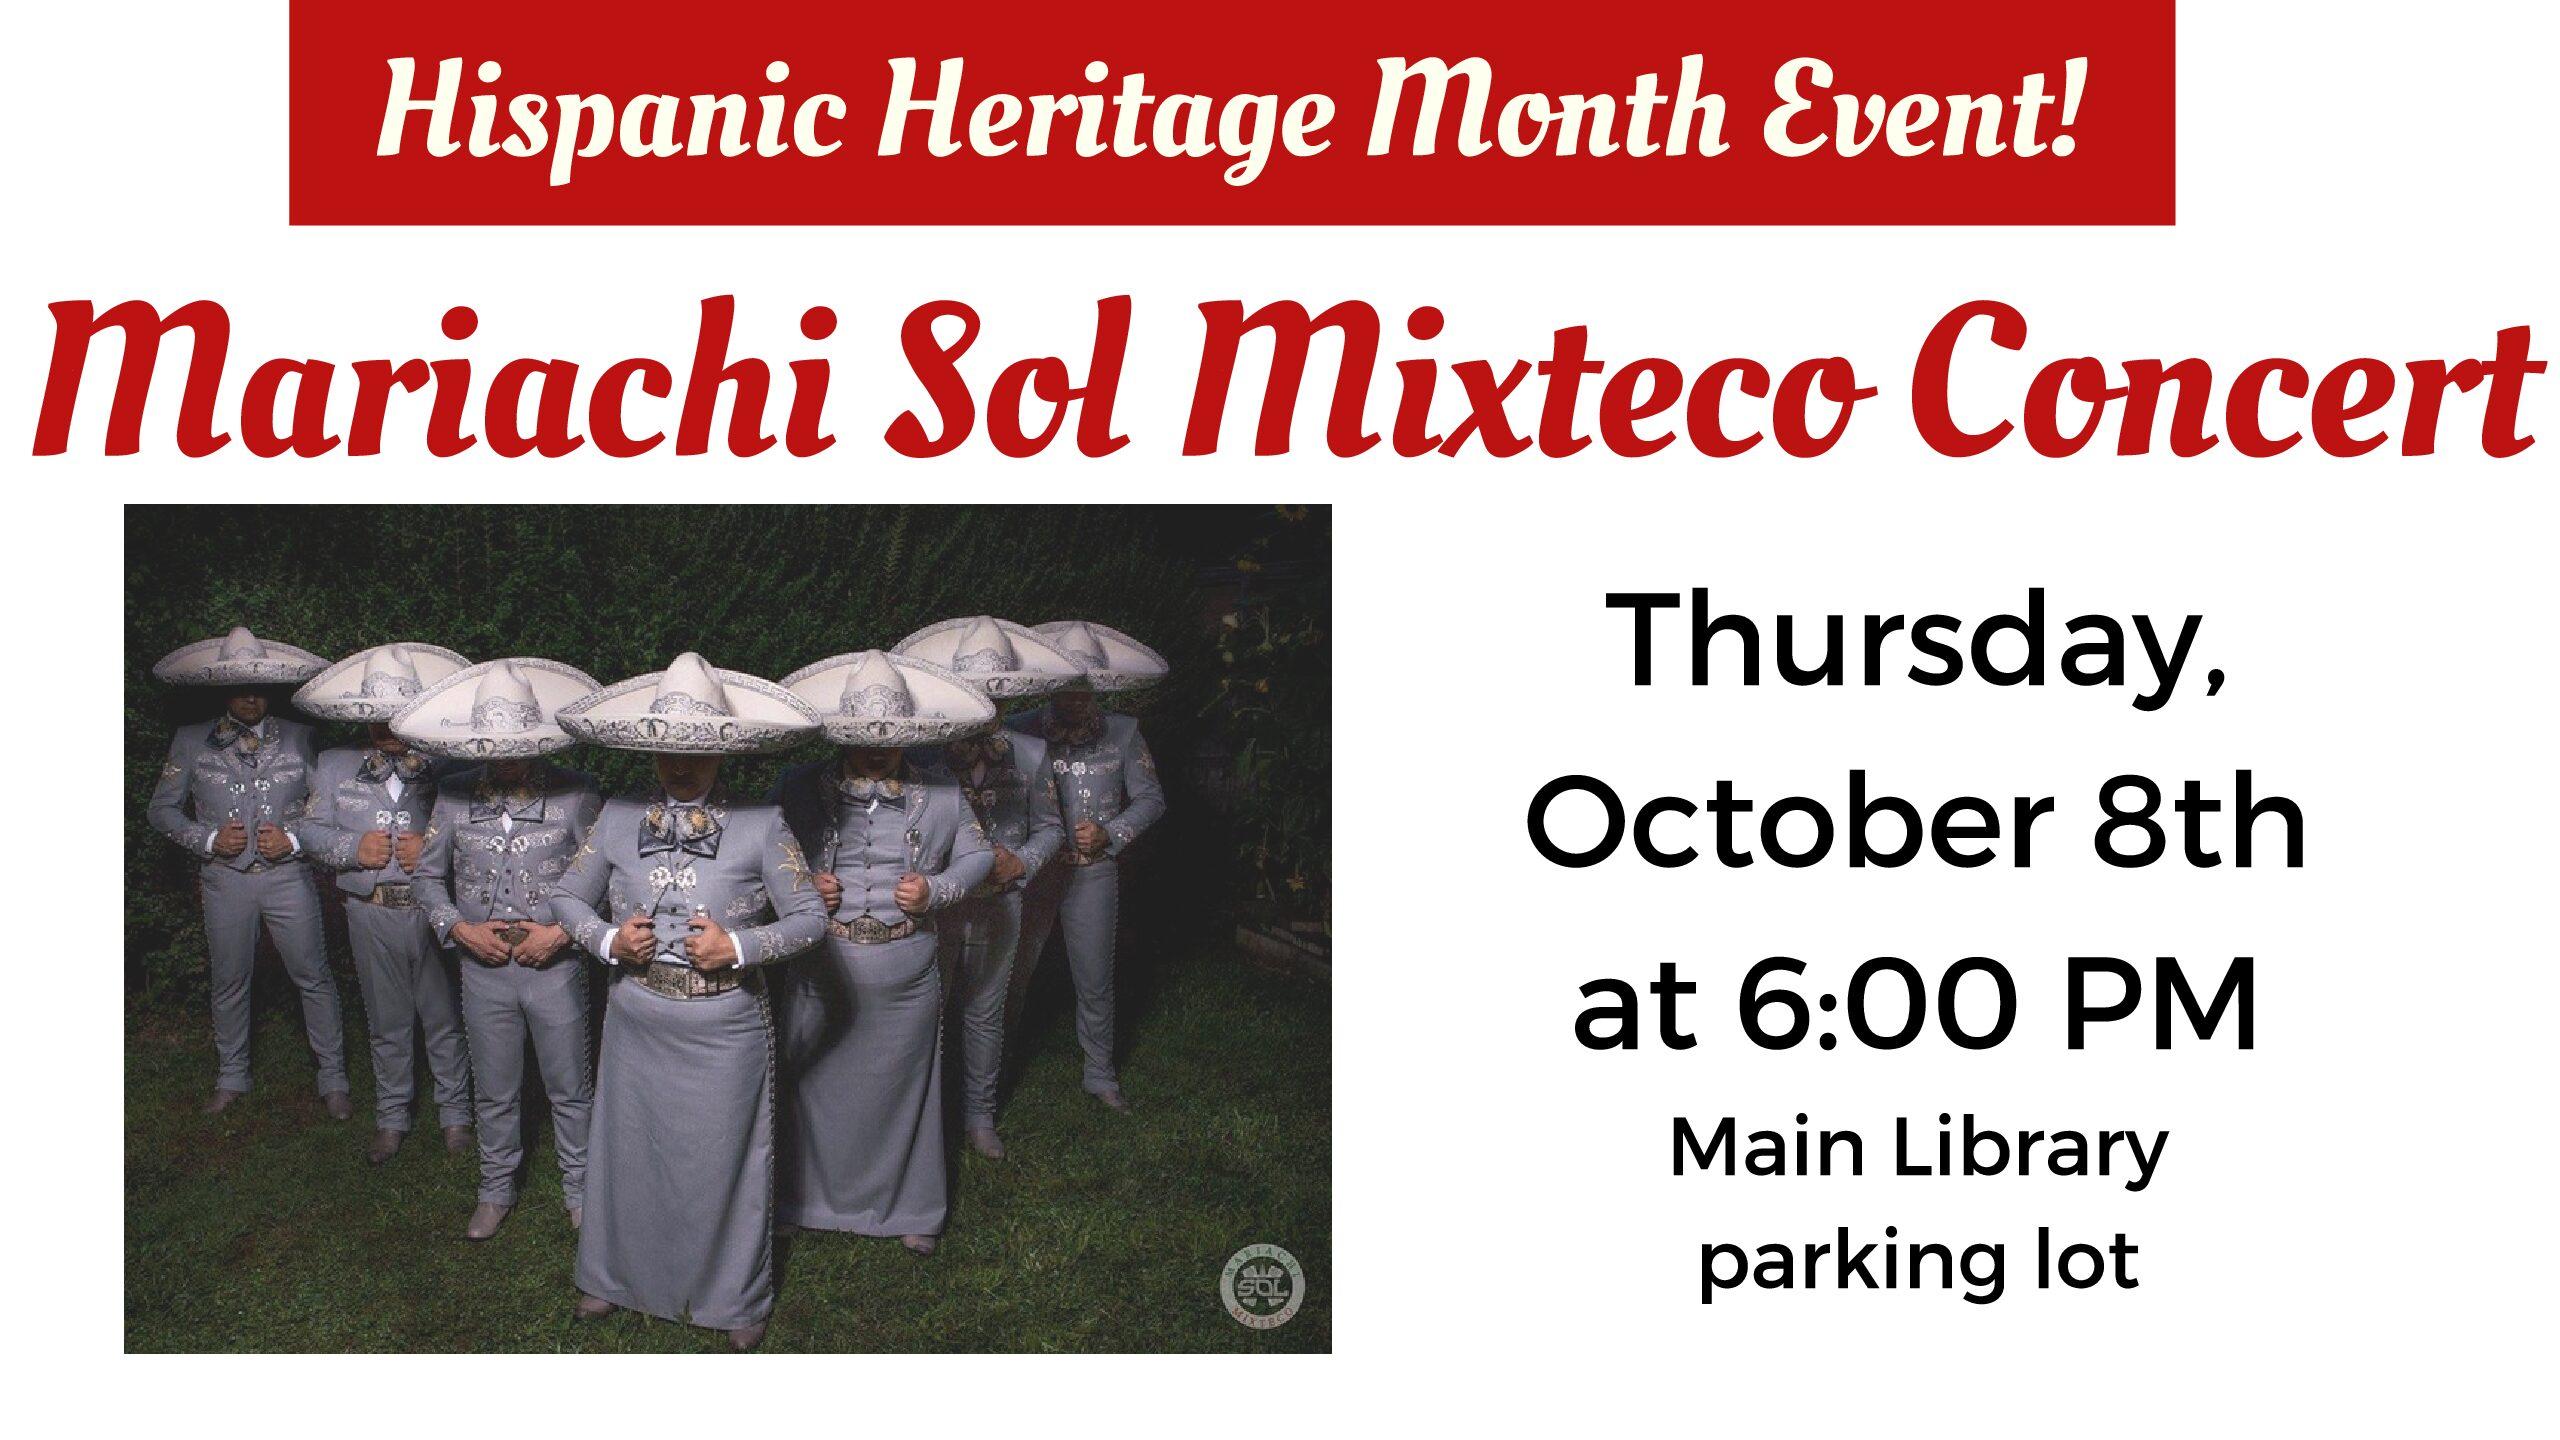 Mariachi Sol Mixteco Concert